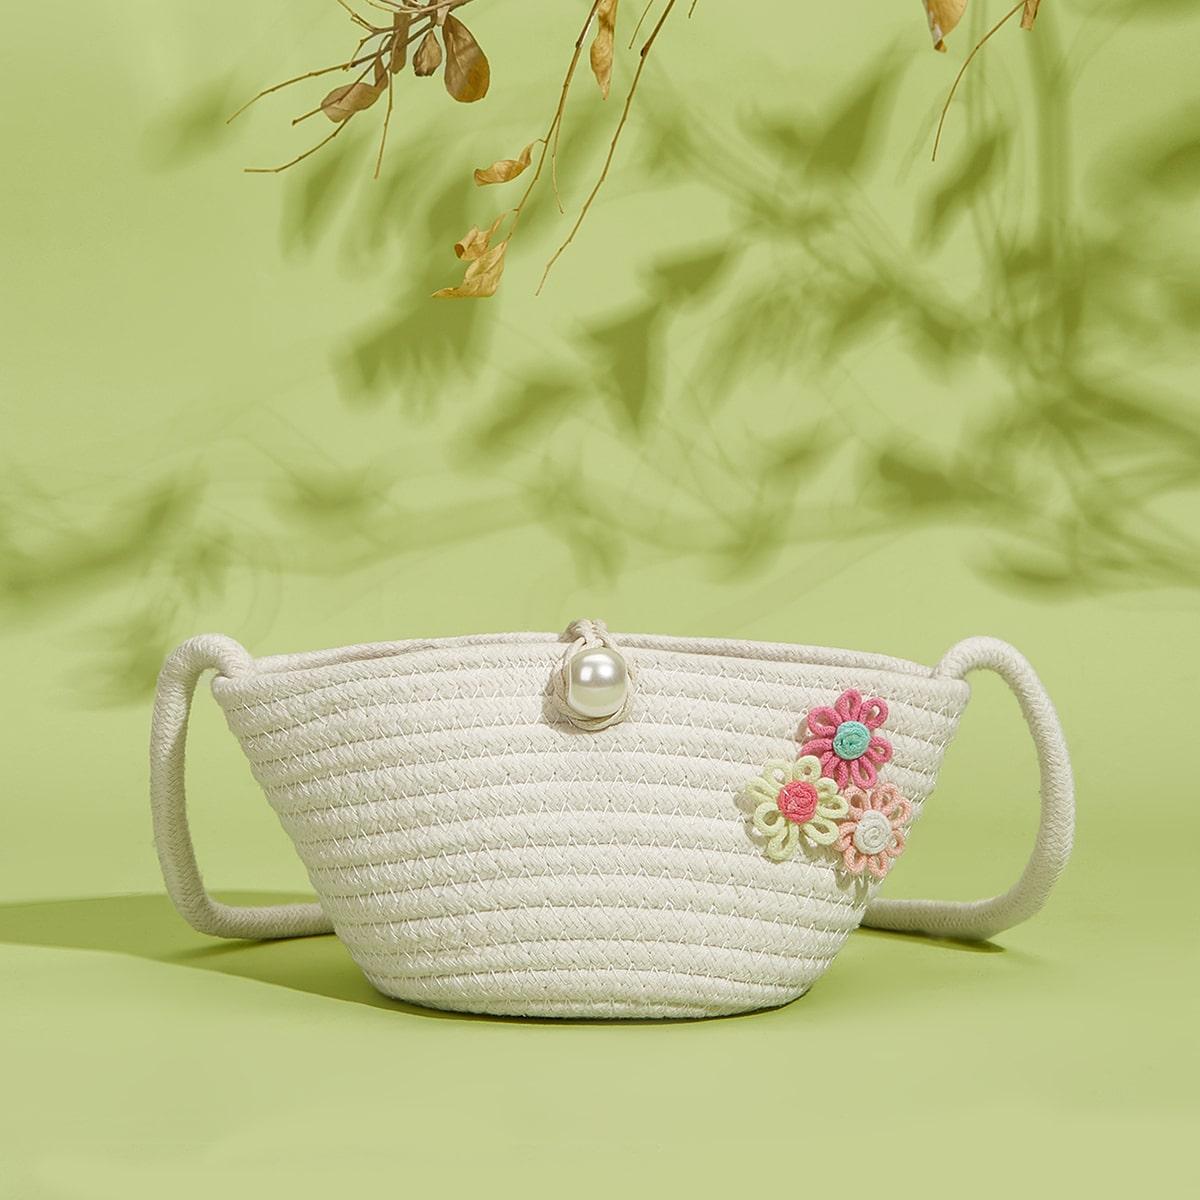 Соломенная сумка с цветочной аппликацией